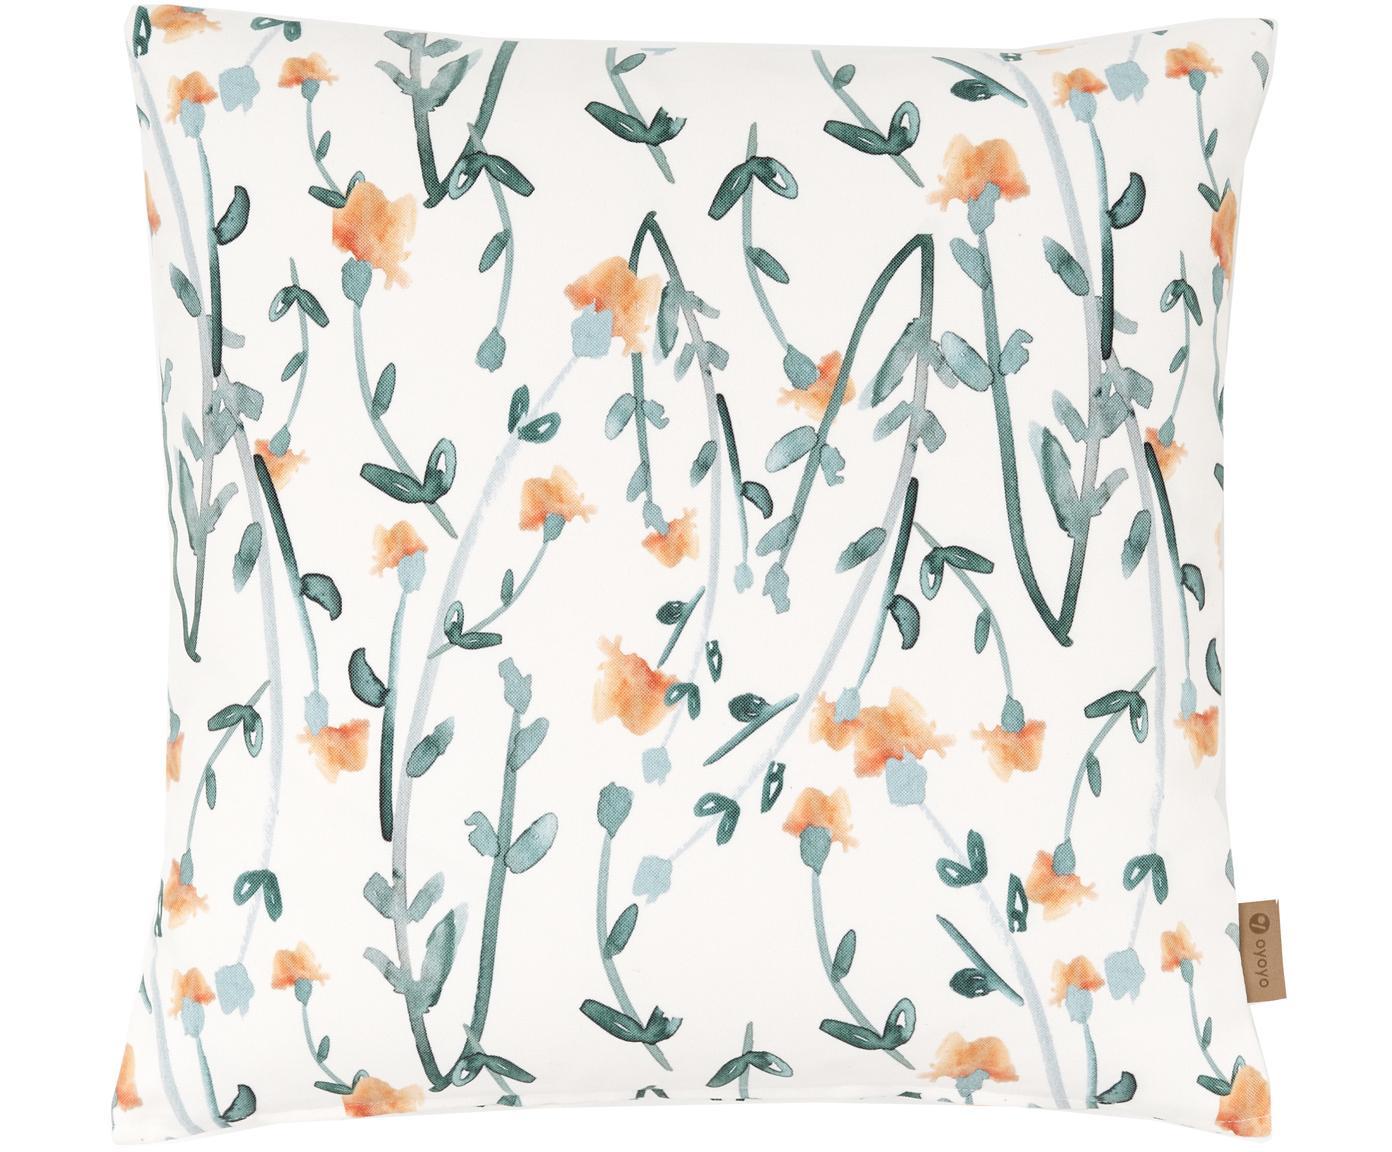 Poszewka na poduszkę Blütentraum, Poliester, Biały, zielony, pomarańczowy, S 50 x D 50 cm